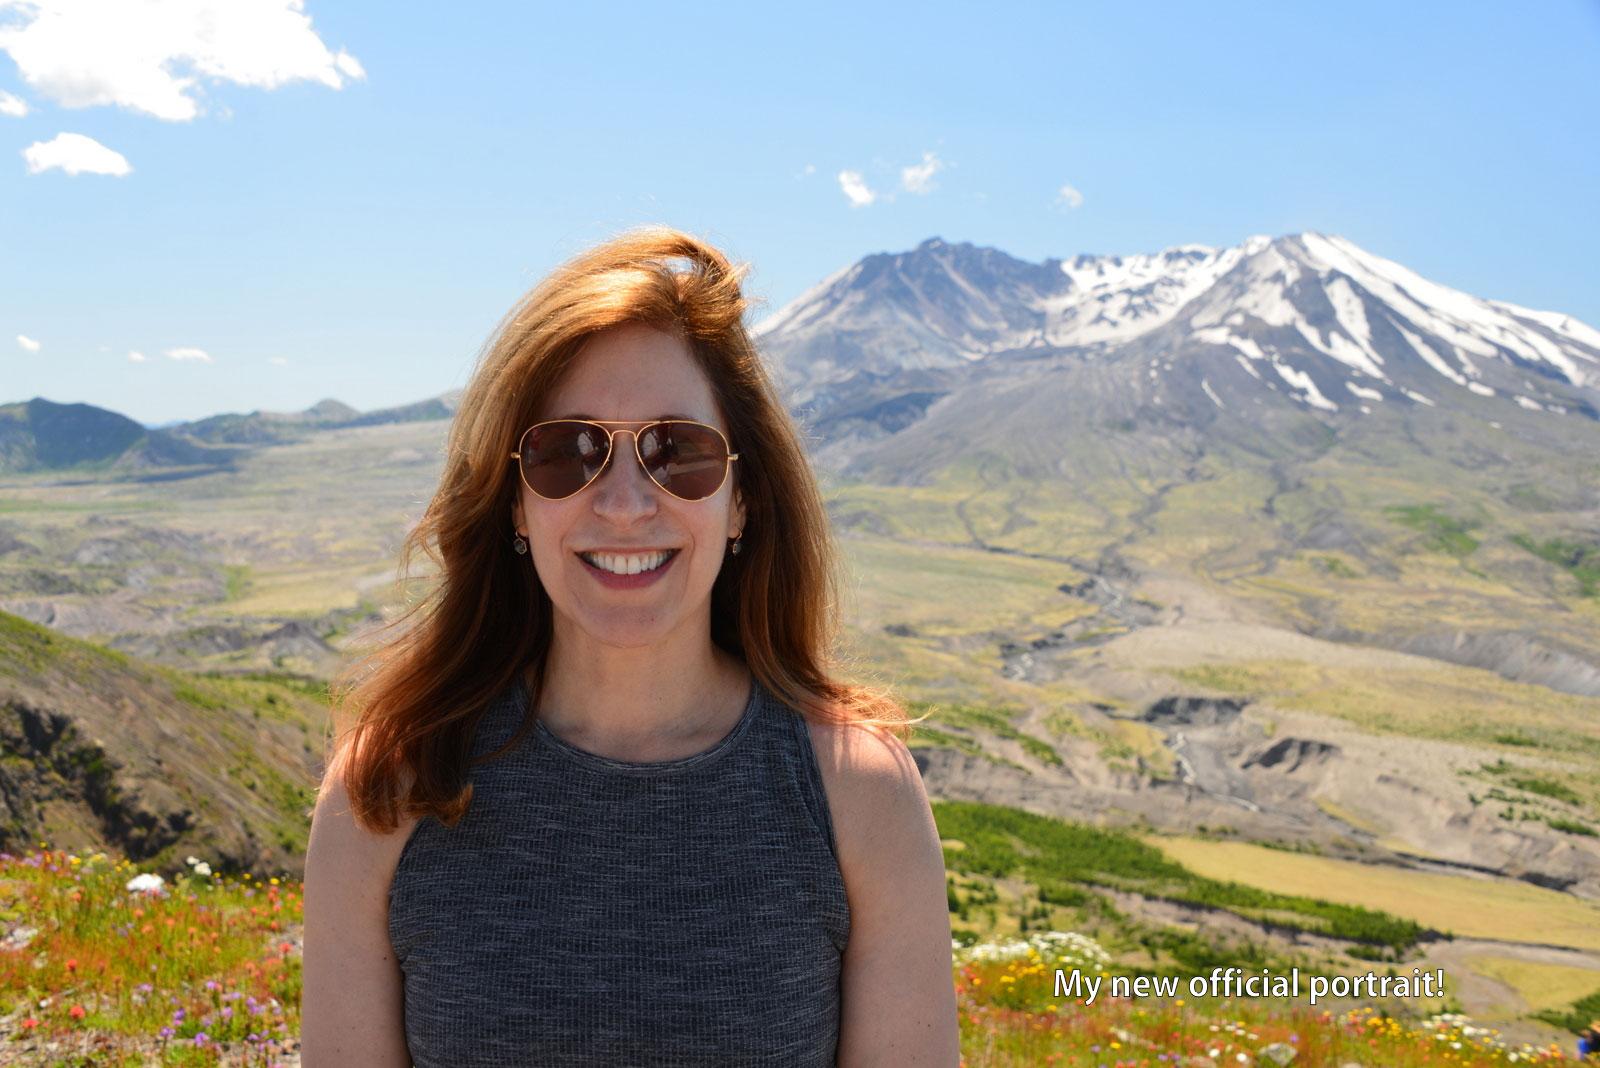 14 I Survived The Eruption Of Mount St Helens